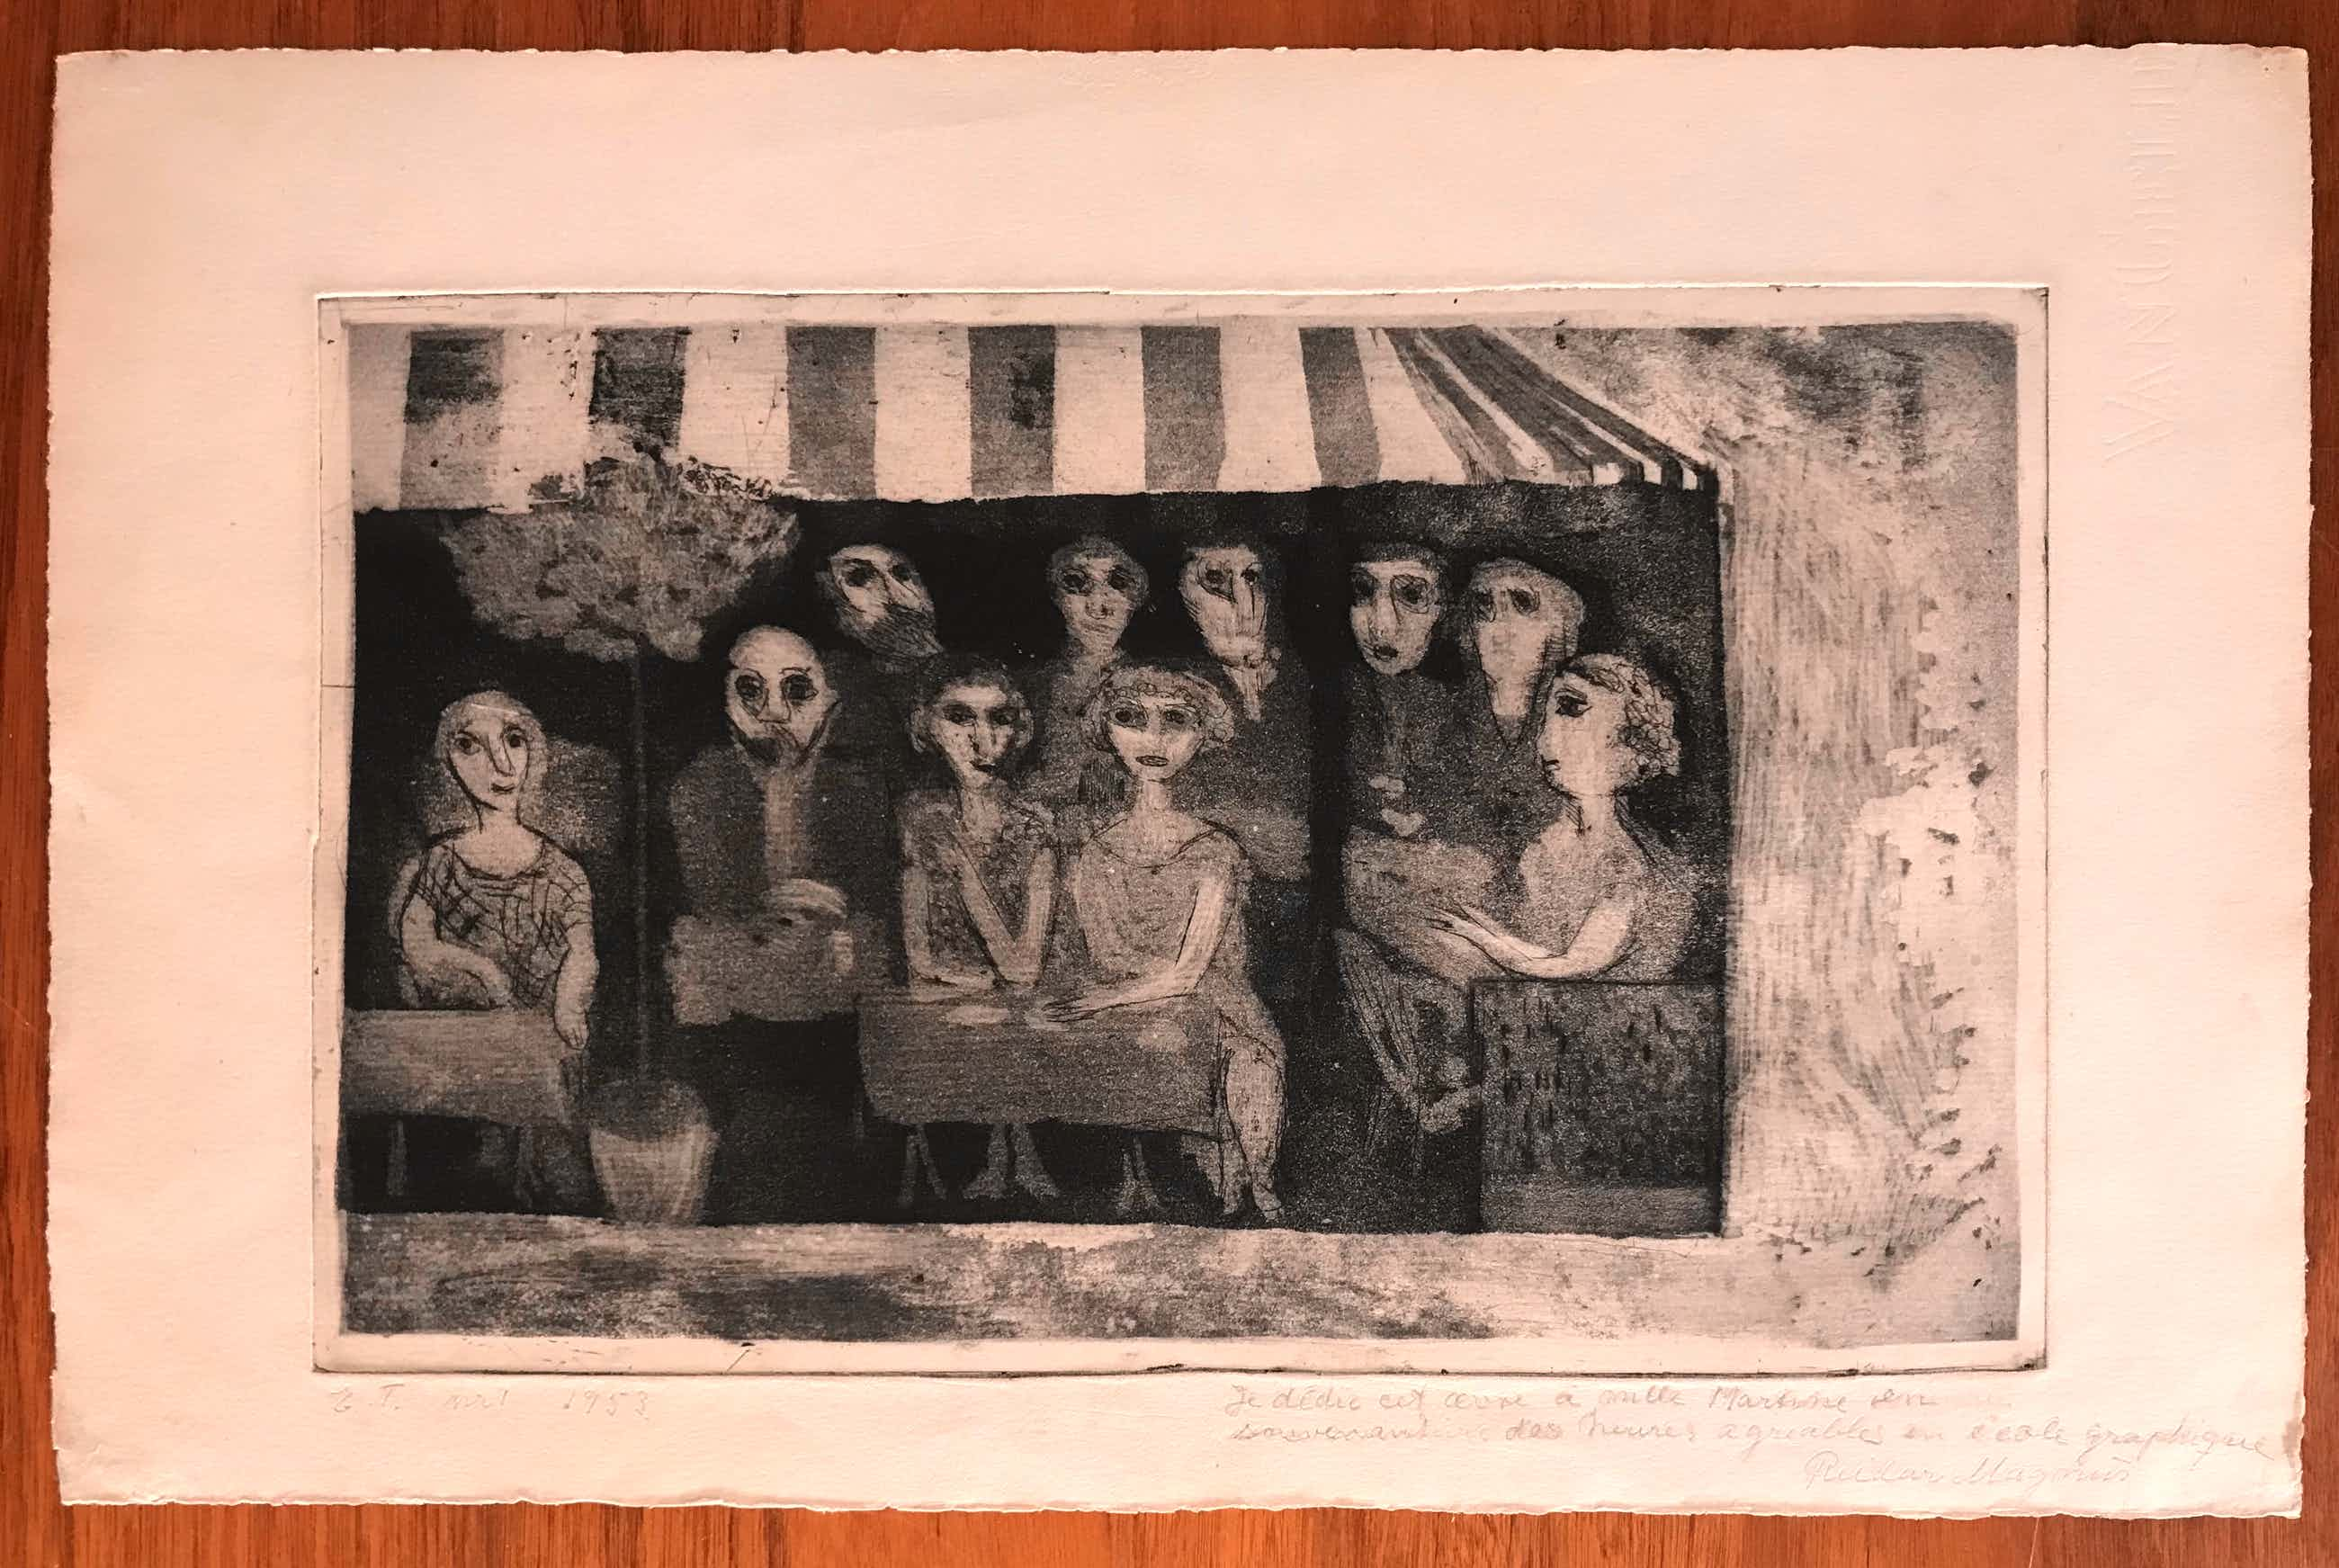 Reidar Magnus - Lithografie - 1953 - Gesigneerd kopen? Bied vanaf 55!